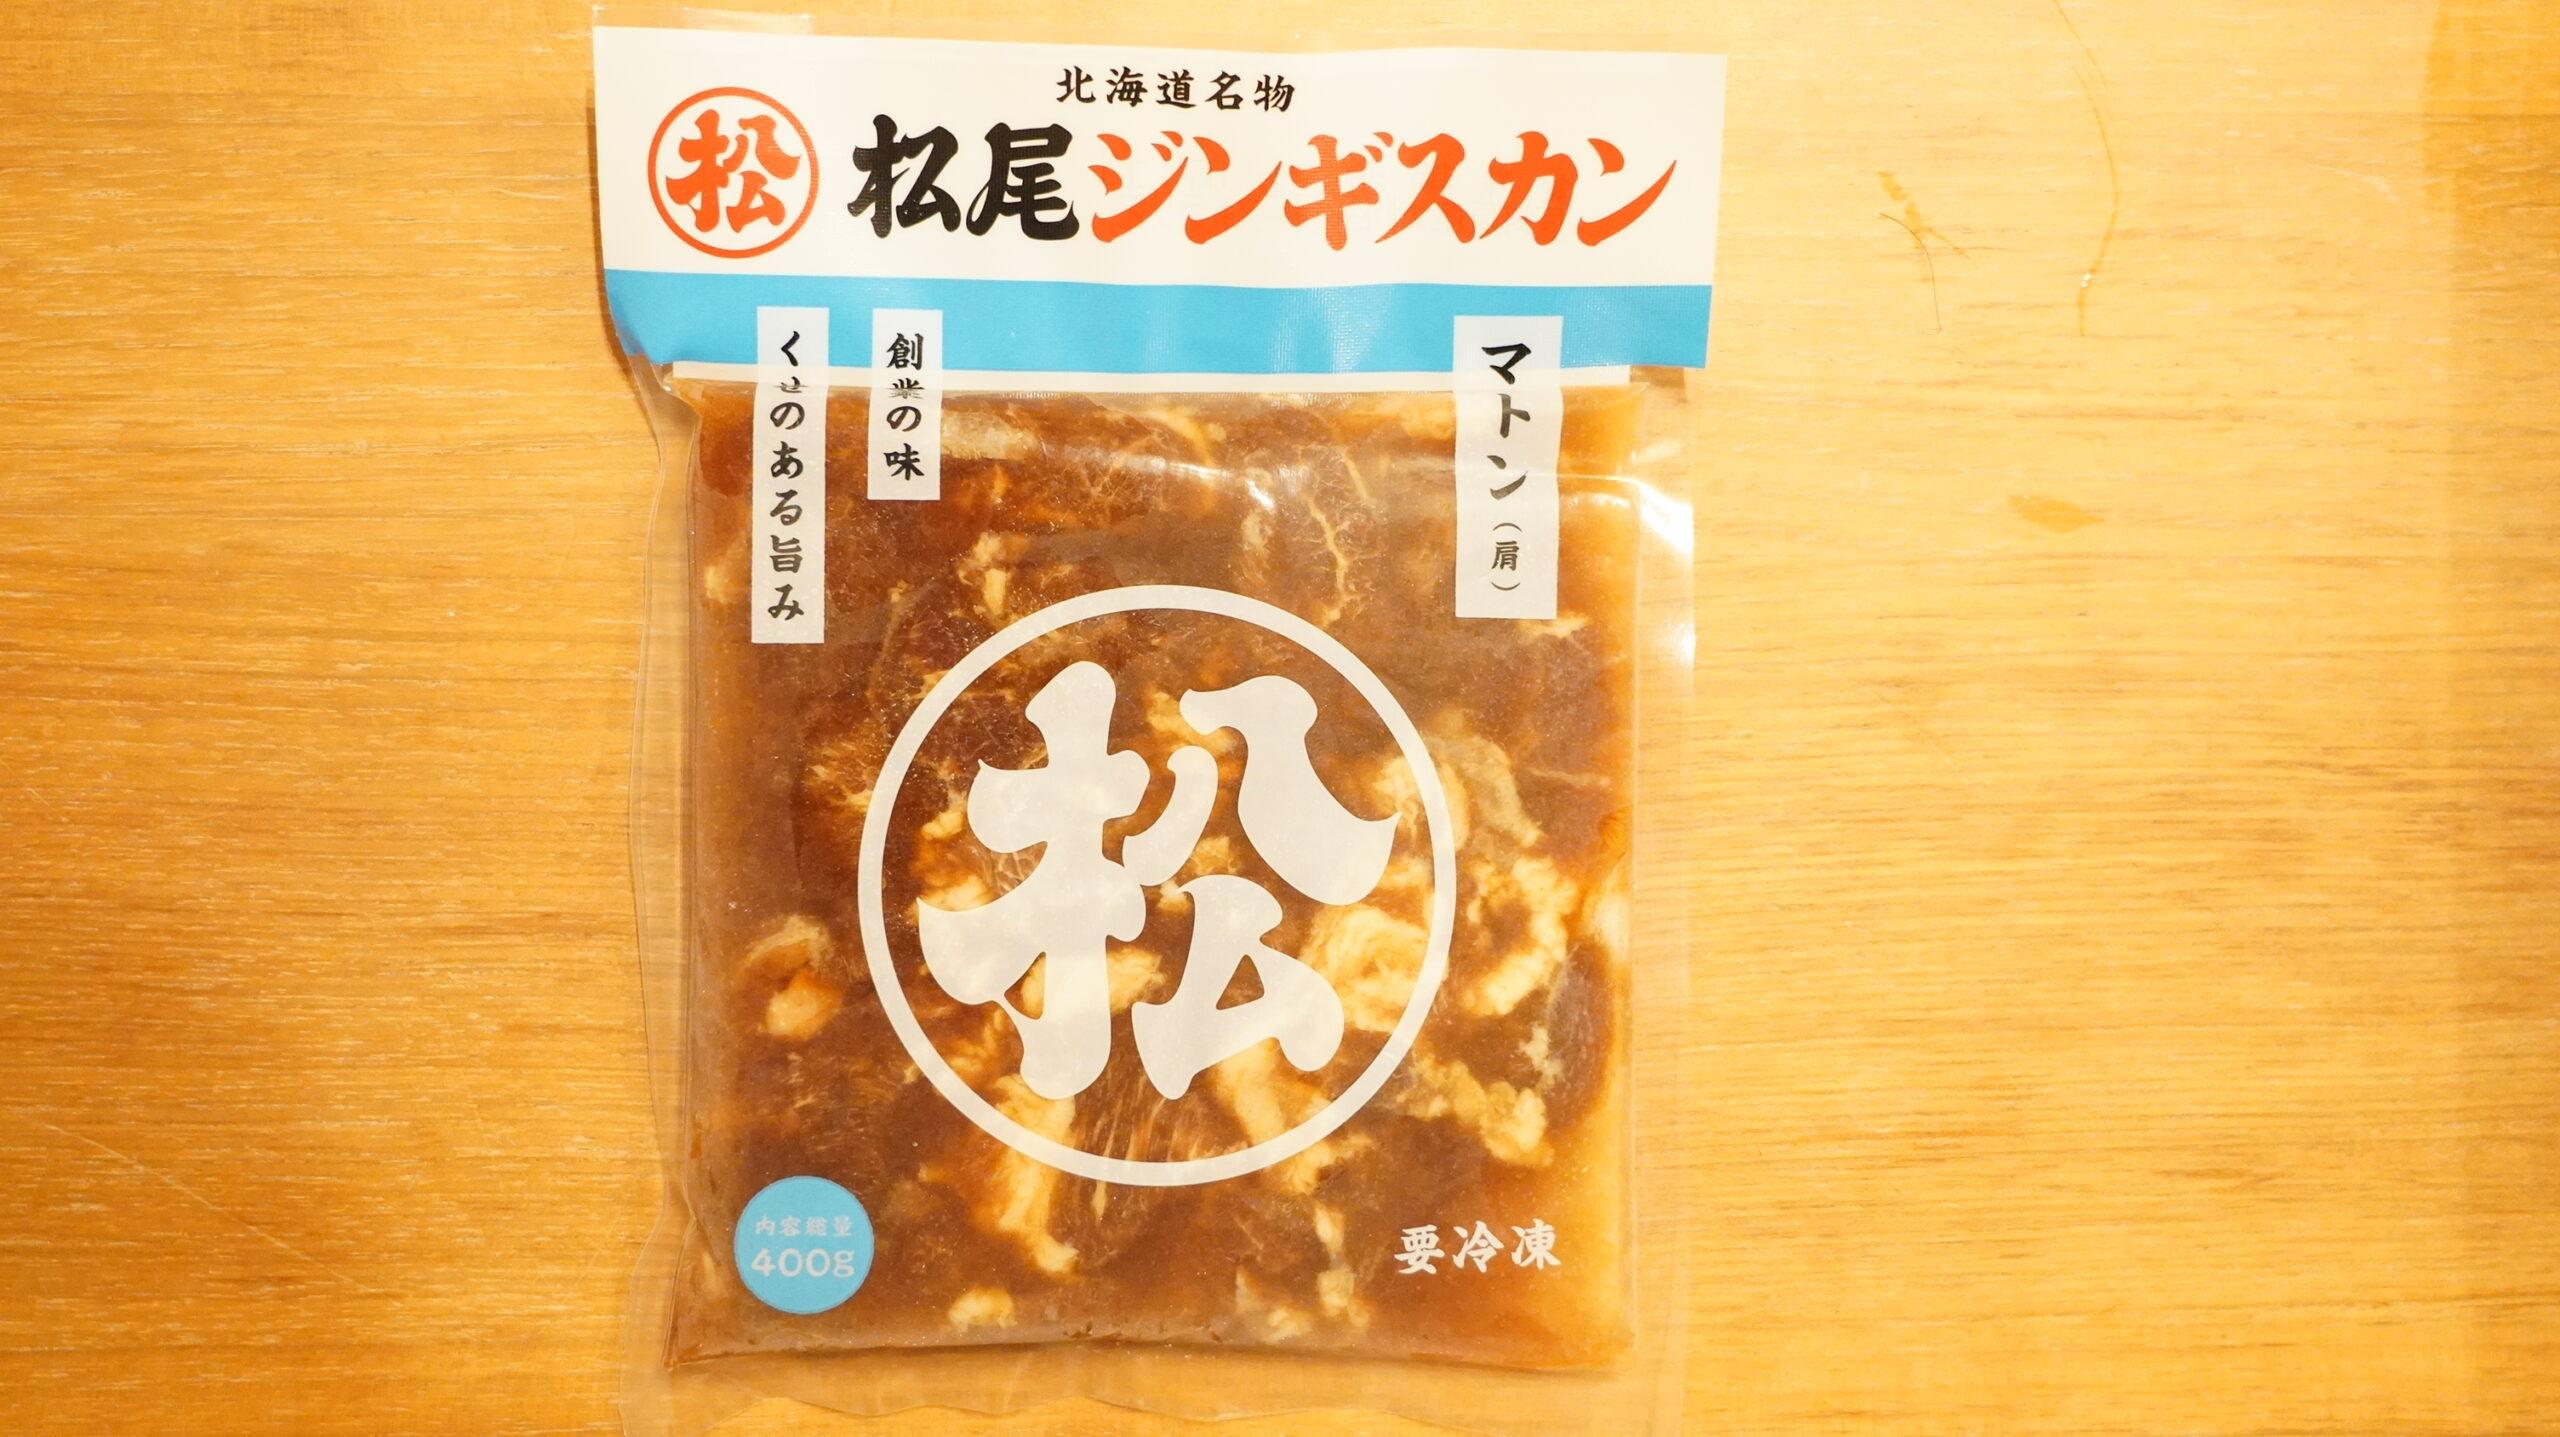 松尾ジンギスカンを通販でお取り寄せした冷凍マトン肉のパッケージ写真